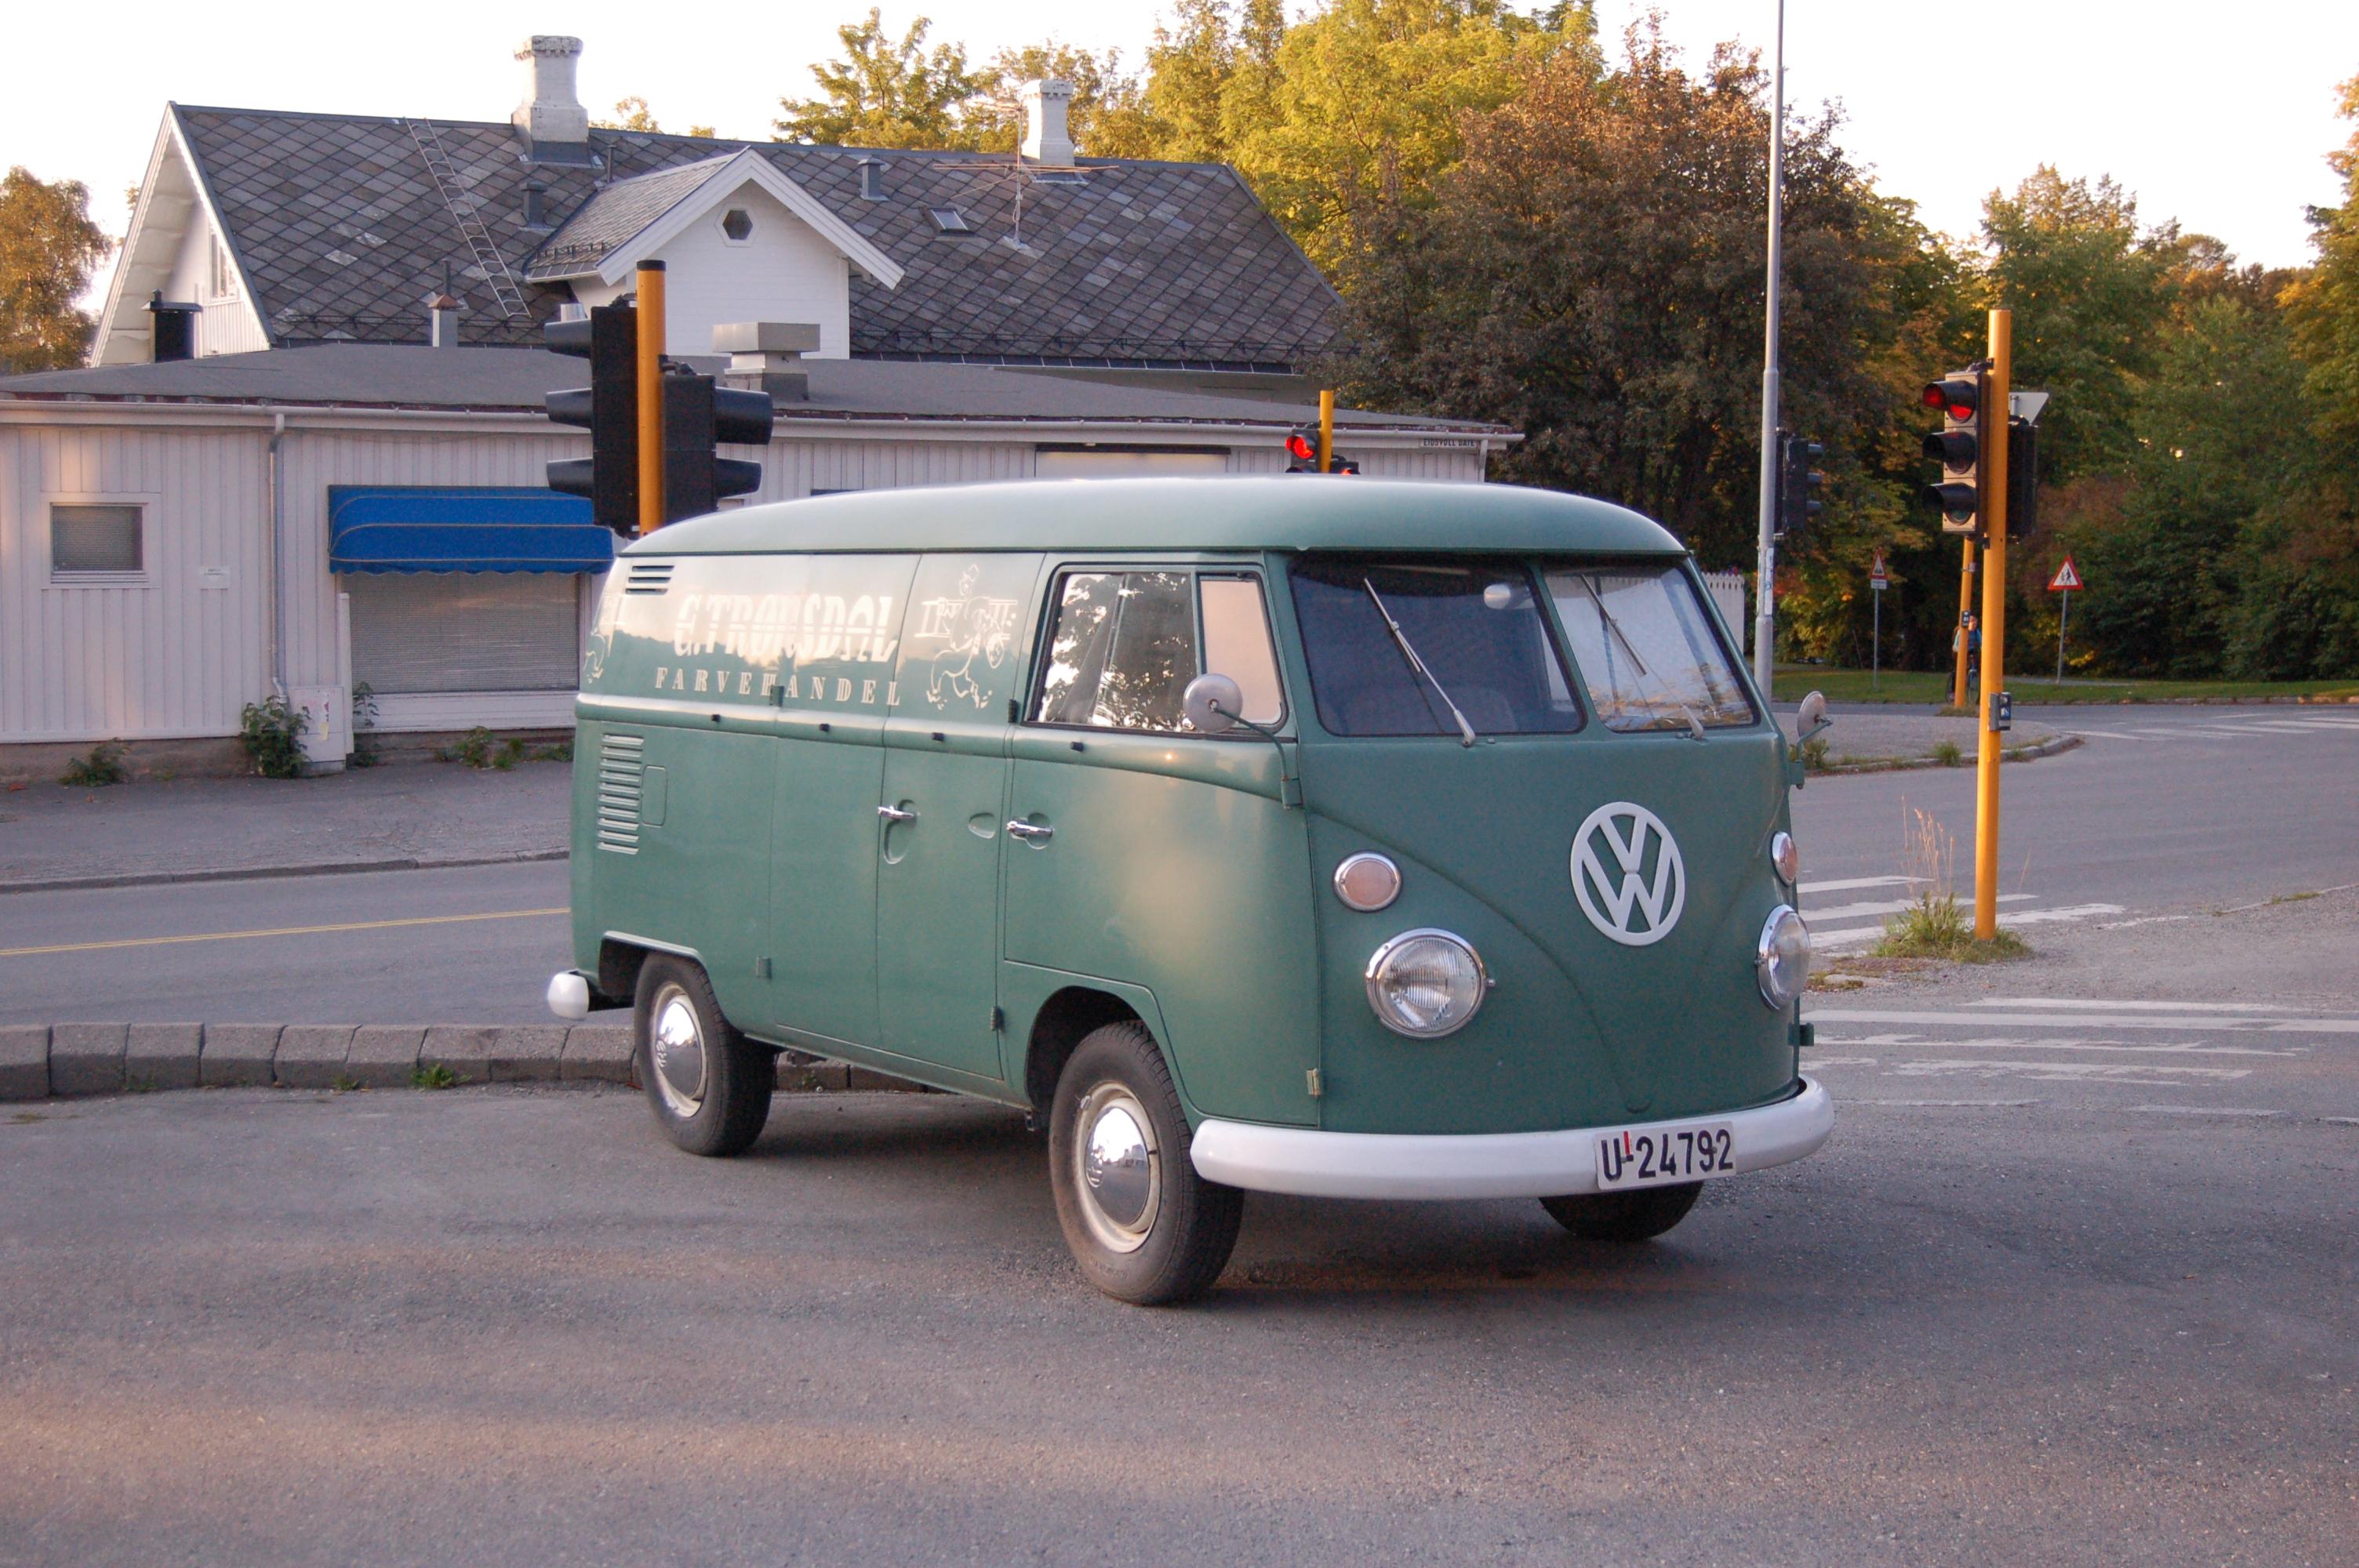 Volkswagen T1. Woklsvagen T1.